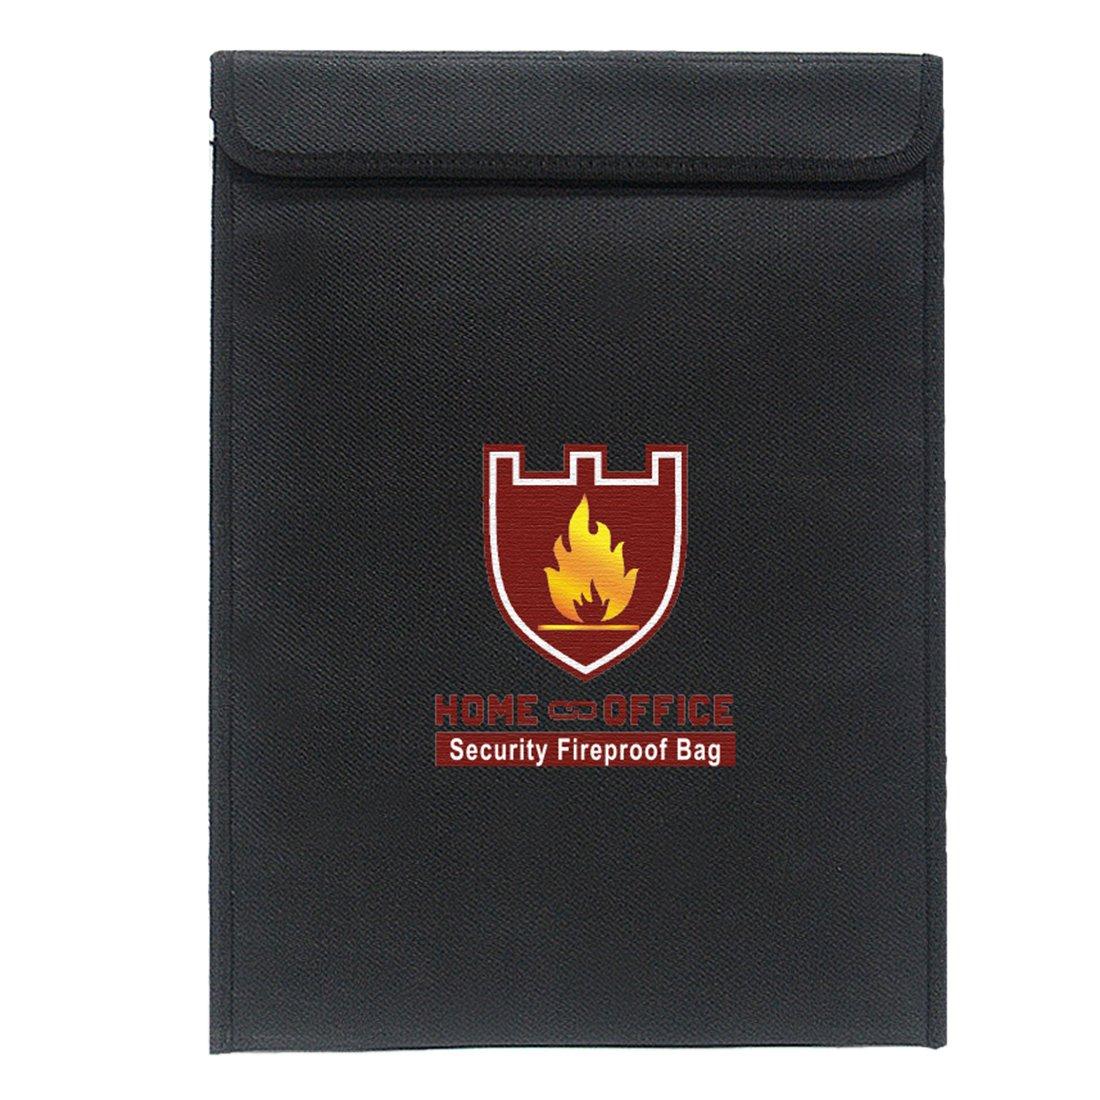 Mecotech - Cartella portadocumenti ignifuga, impermeabile, resiste a 1000 gradi, resistente al fuoco, per documenti importanti, portafoglio, passaporto, carte, ecc. 38 x 28 x 7.5 CM Nero